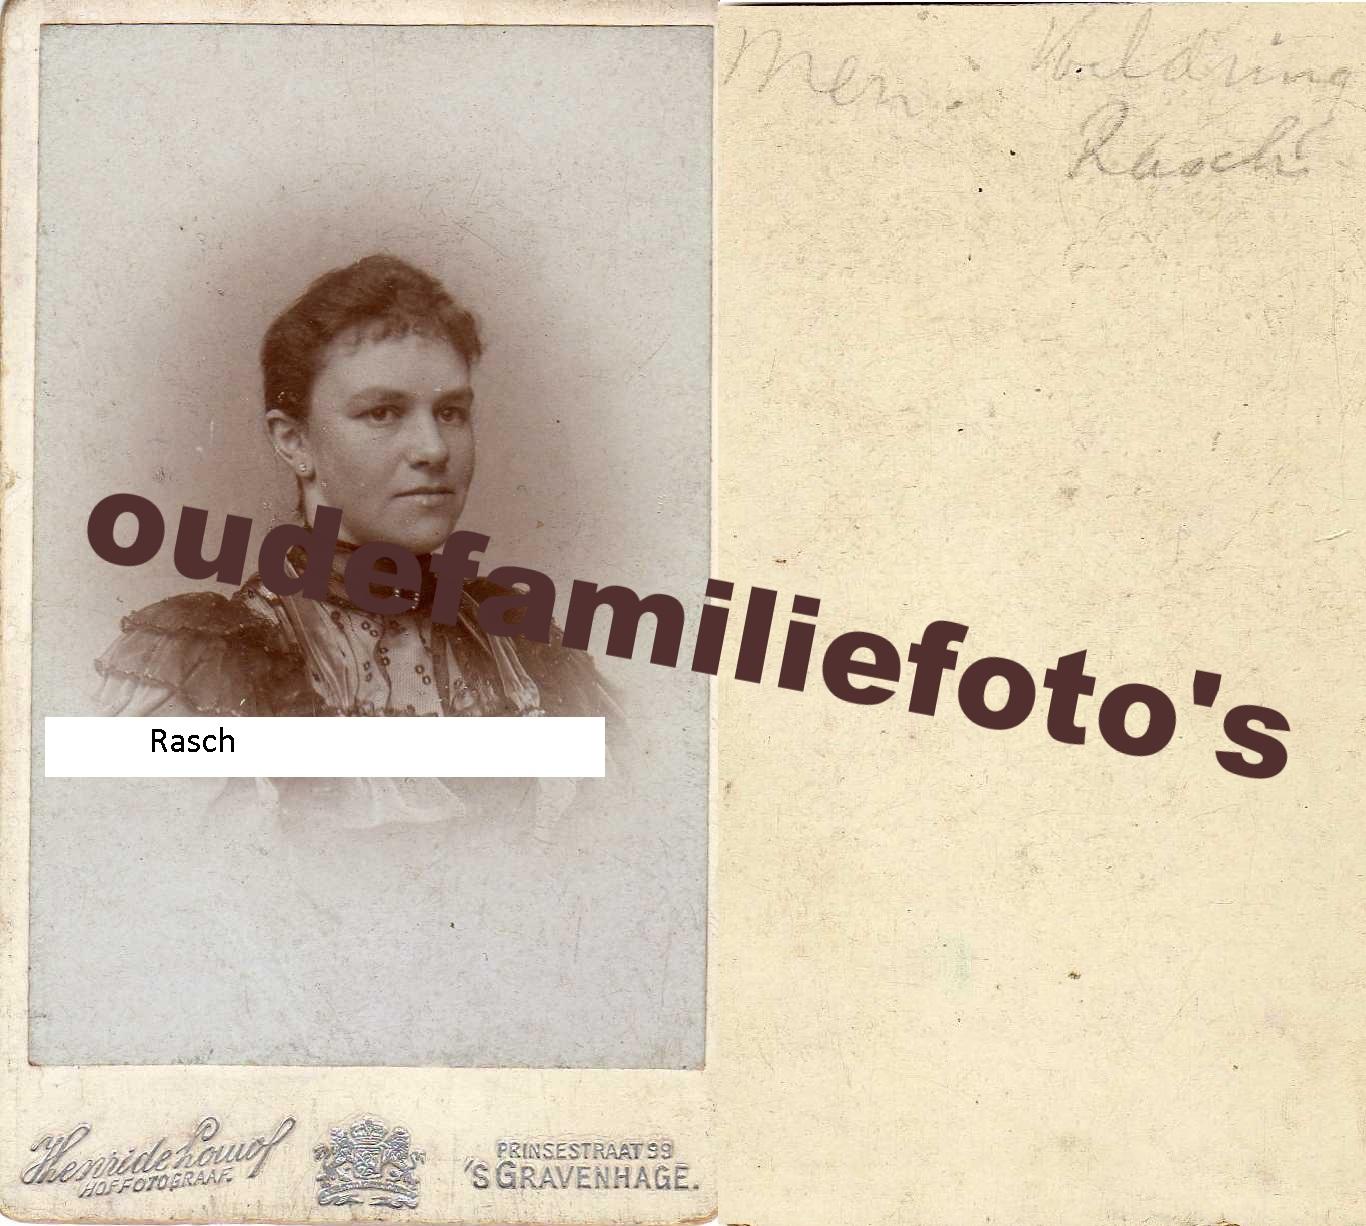 Rasch, Wilhelmina Adriana. geb. 23-4-1861 den-haag. ovl. 11-2-1931 den-haag. getrouwd Justinus J.L Heldring. € 3,50